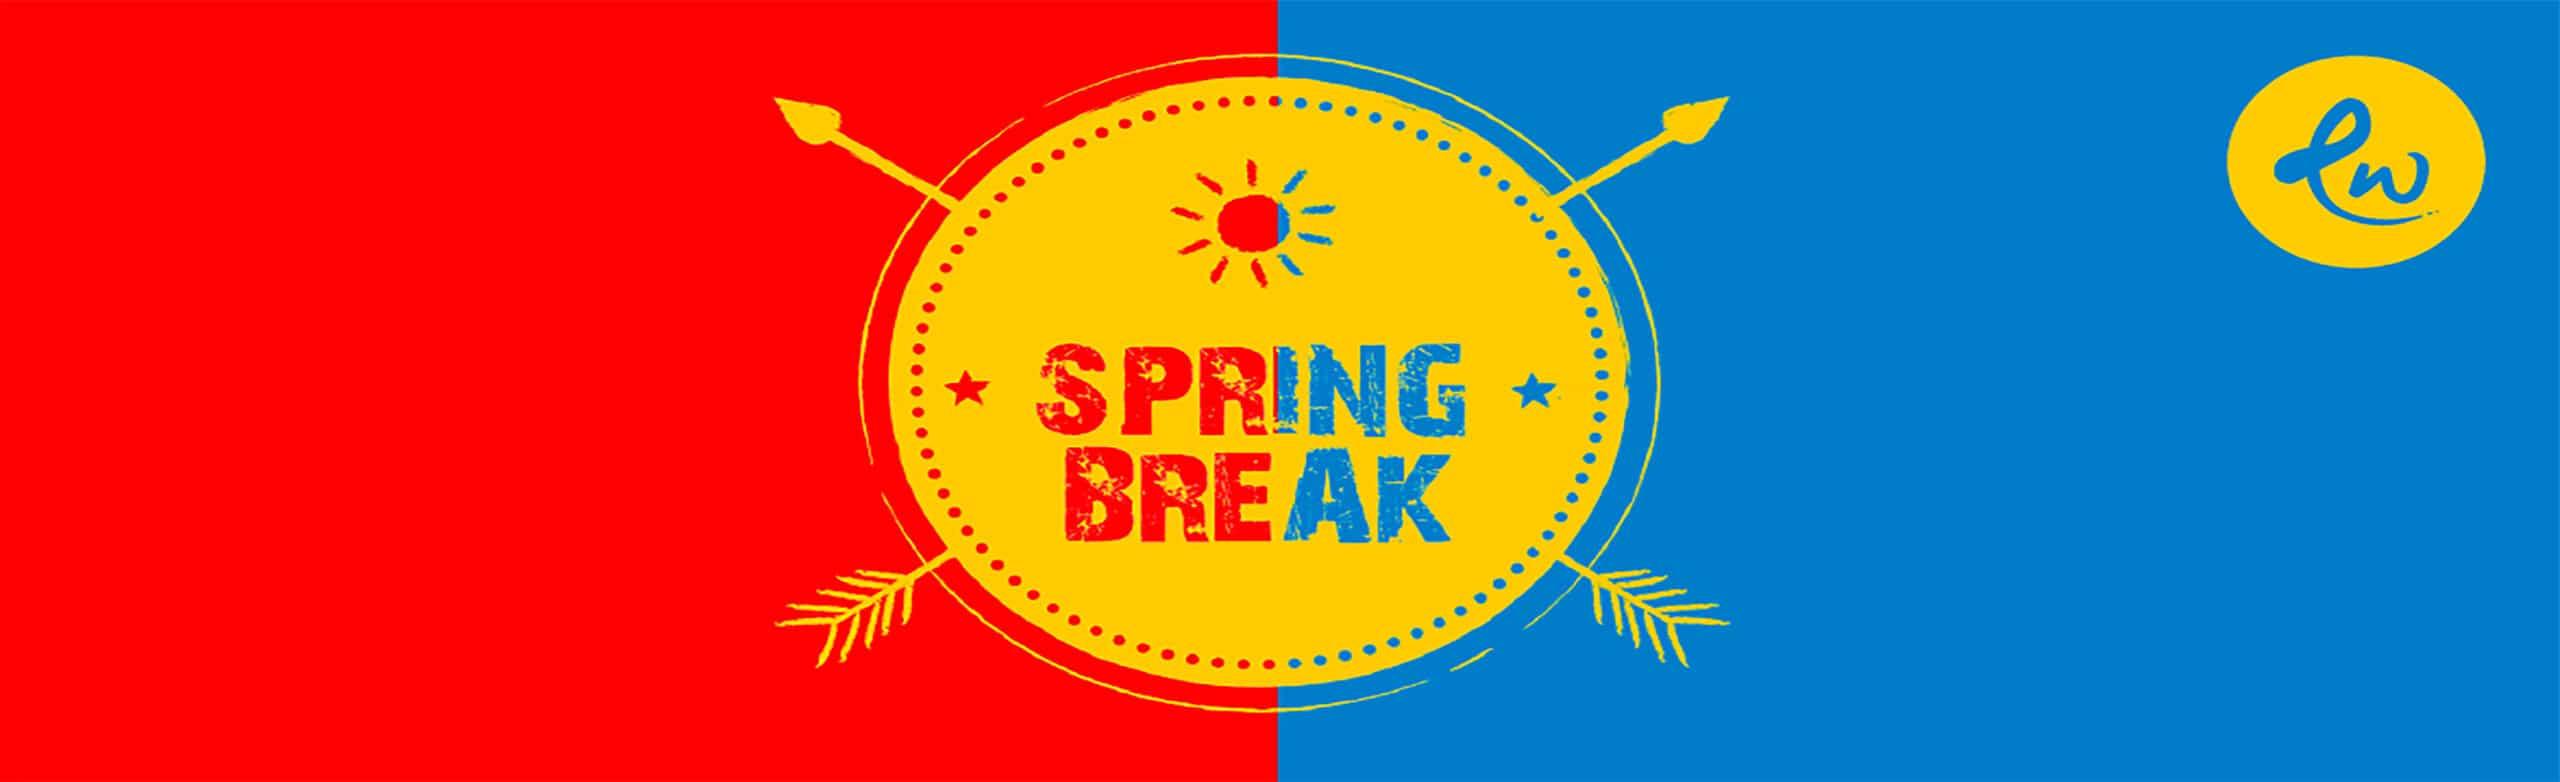 Spring Break Camp 3600x1100